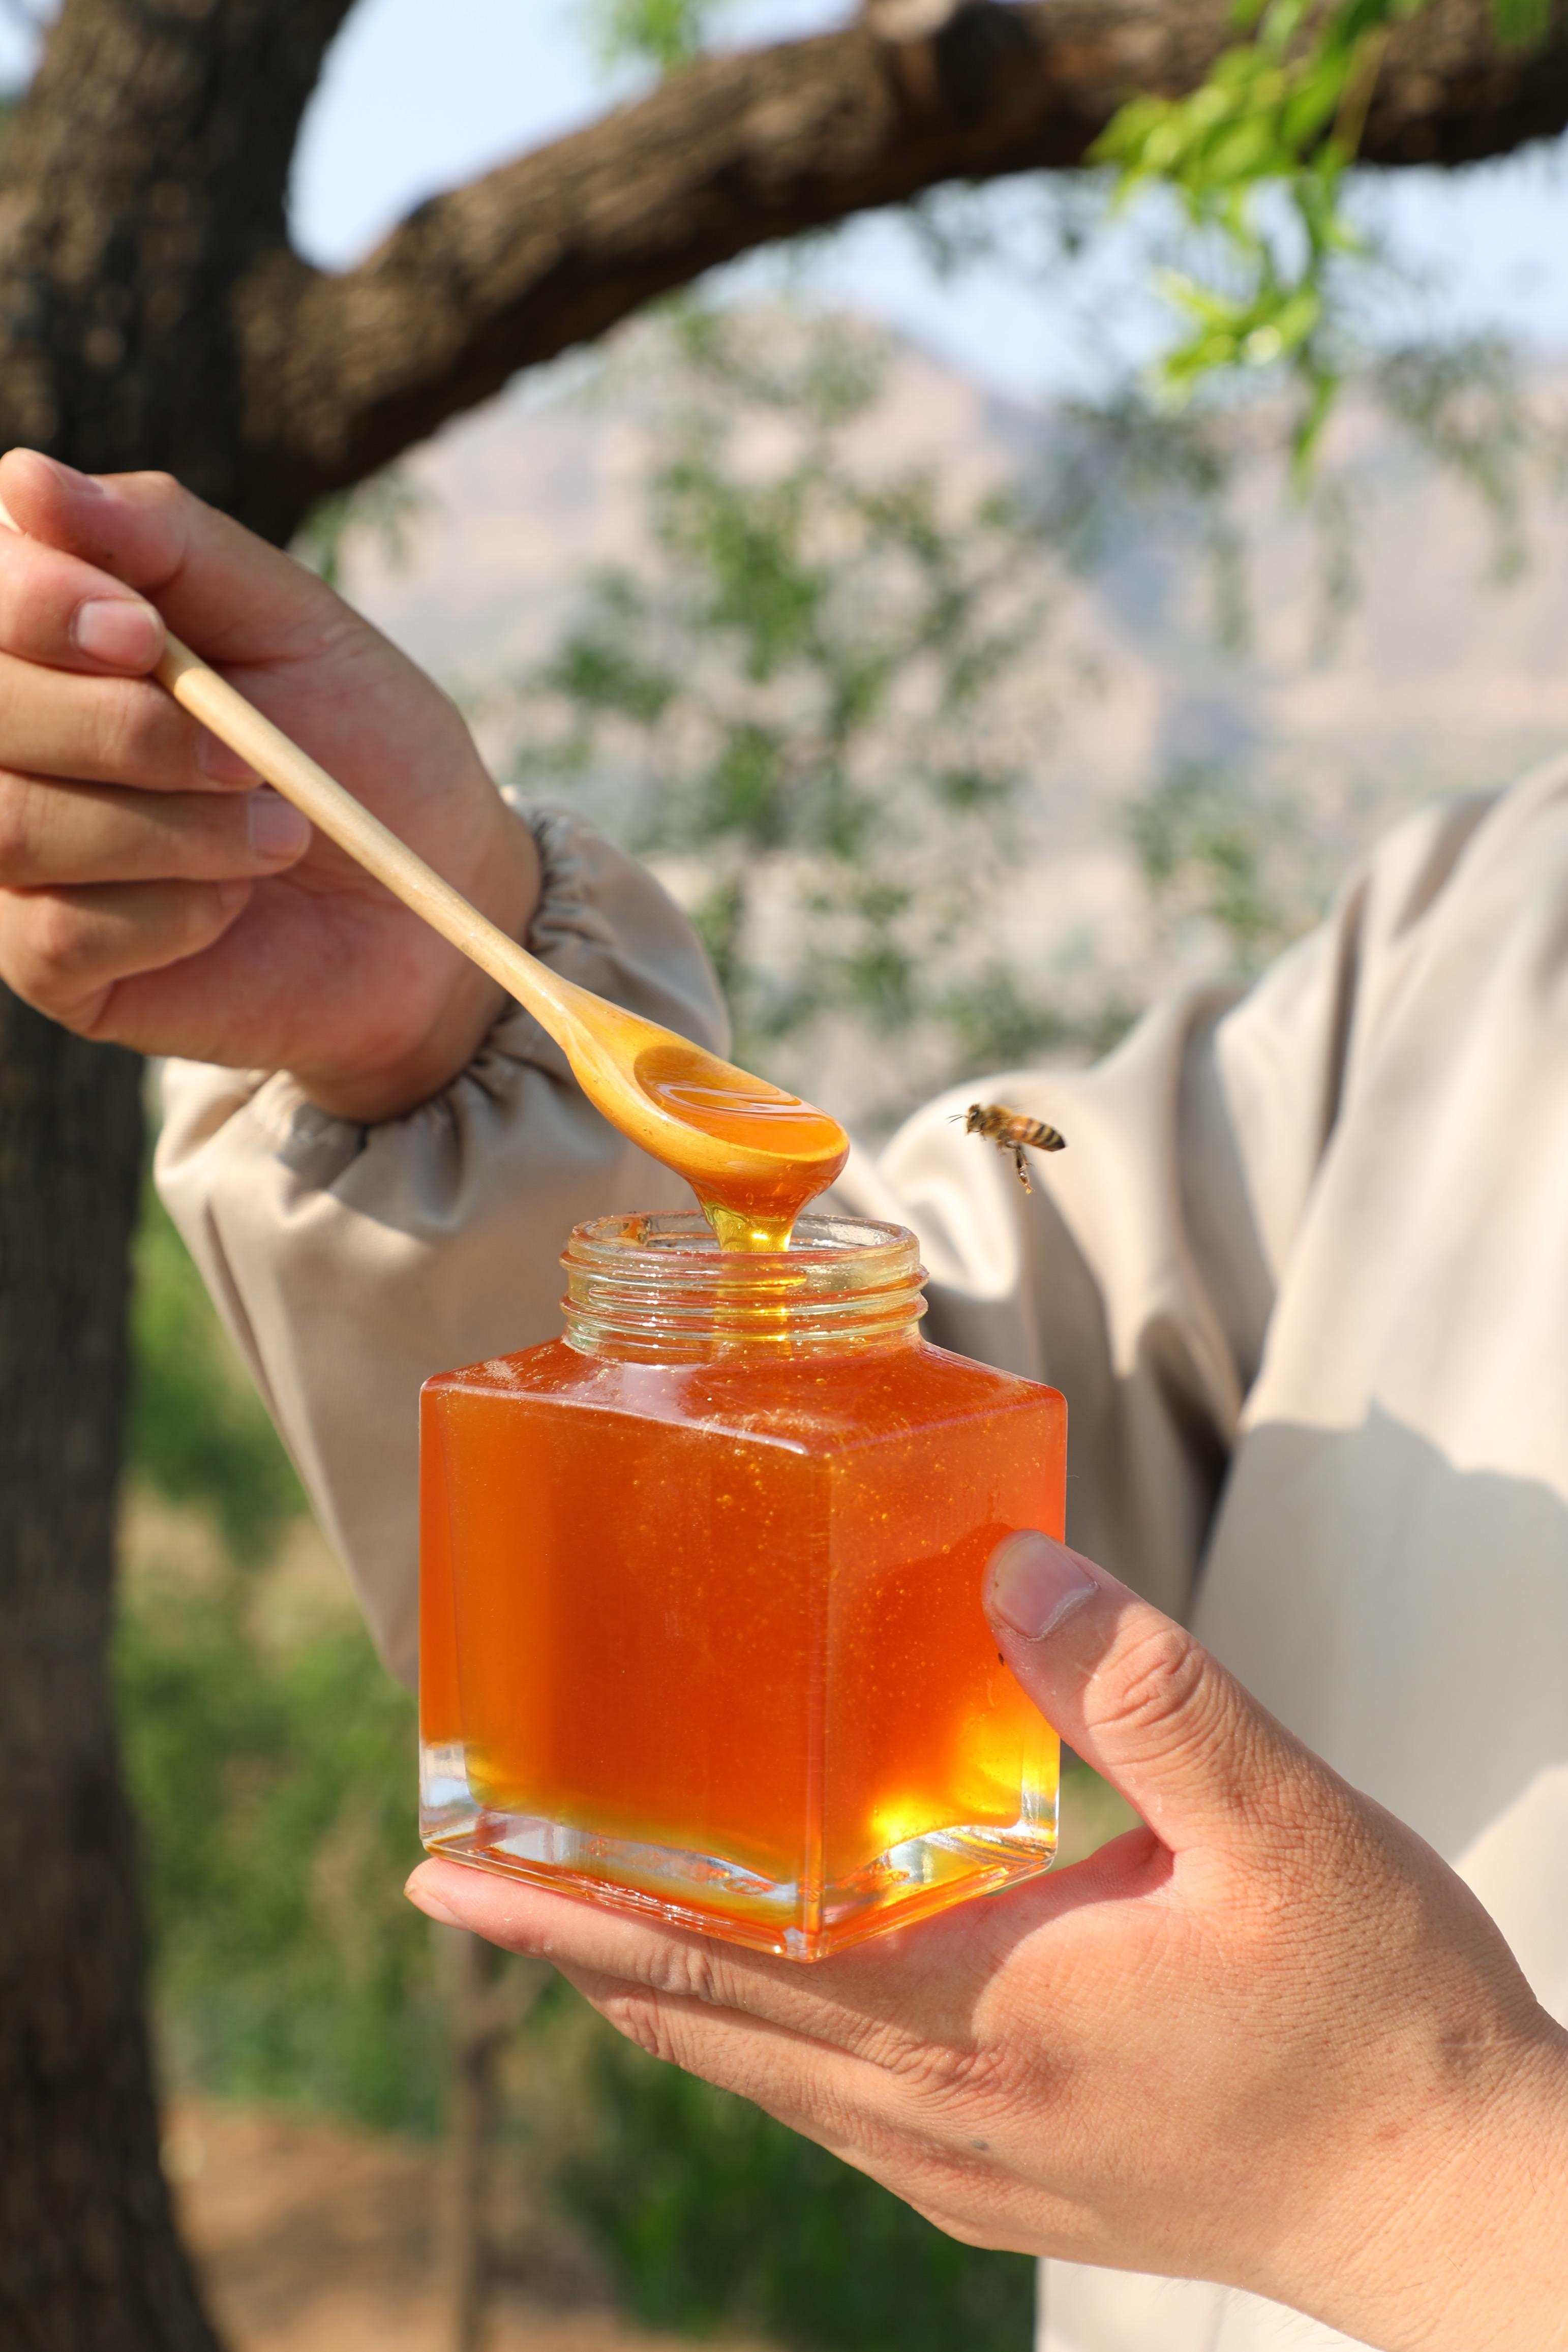 纯枣花蜜的味道? Jujube Nectar的味道和颜色是什么?